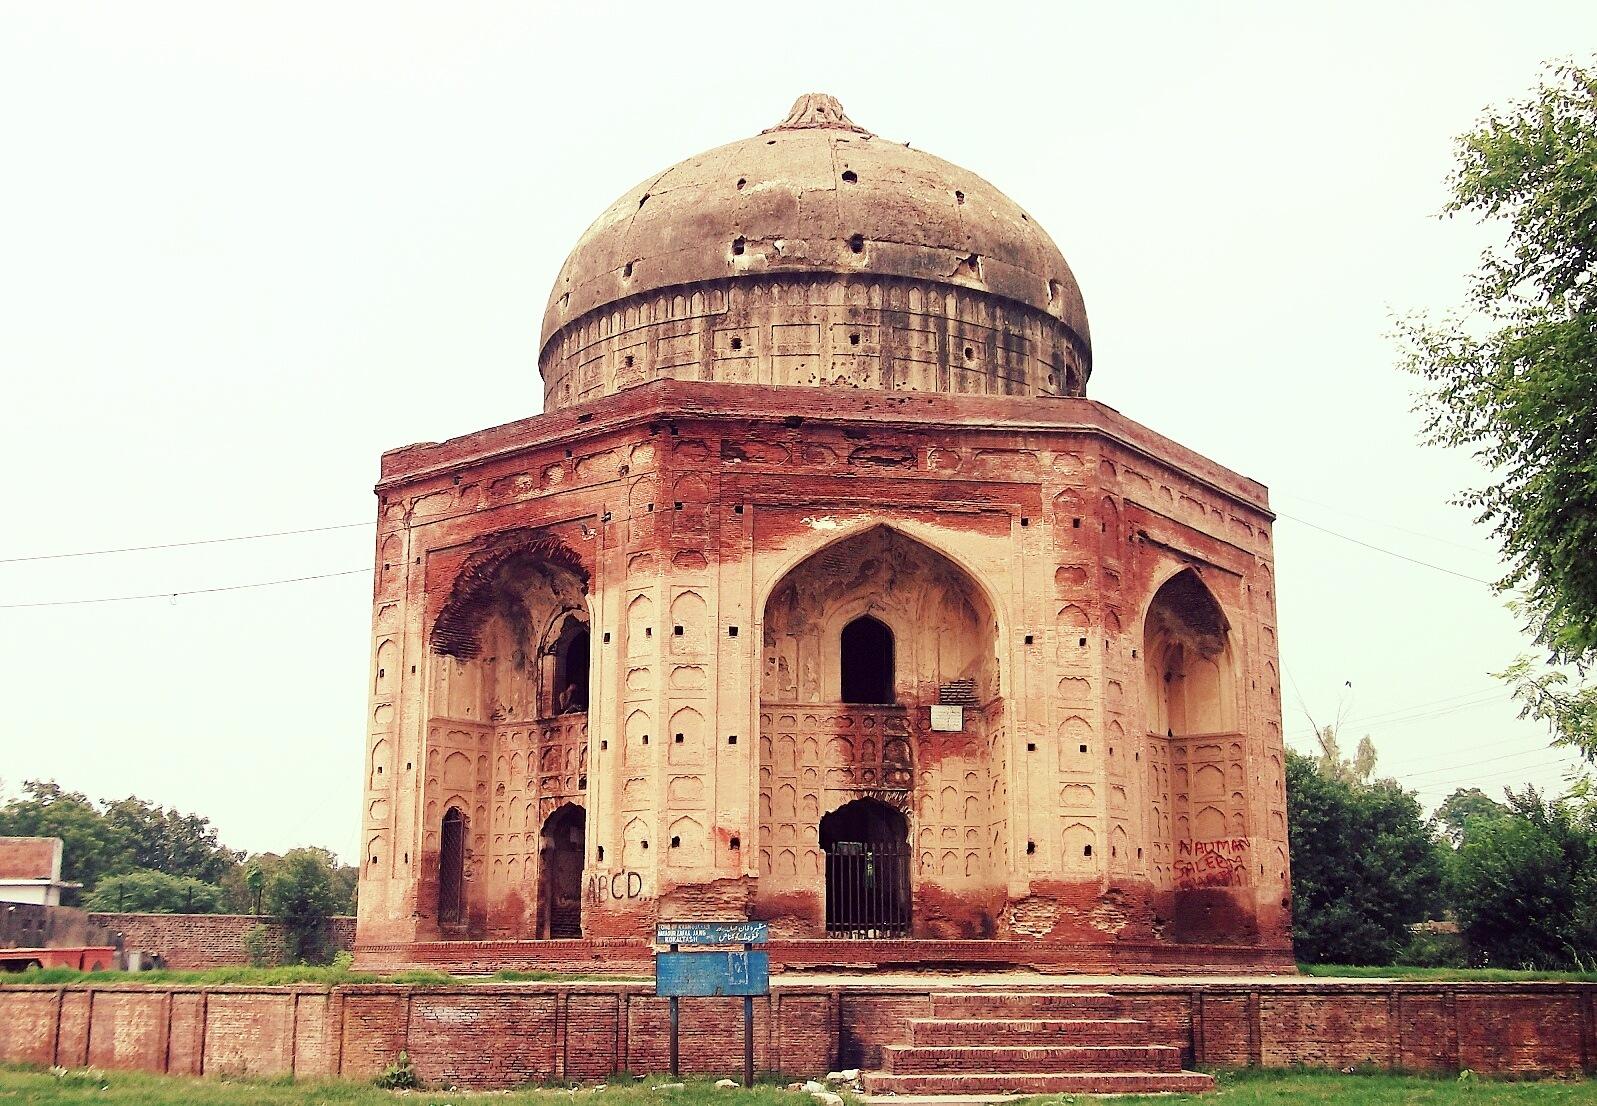 Zafar Jang Kokaltash Tomb, Lahore by Muhammad Umair Mirza